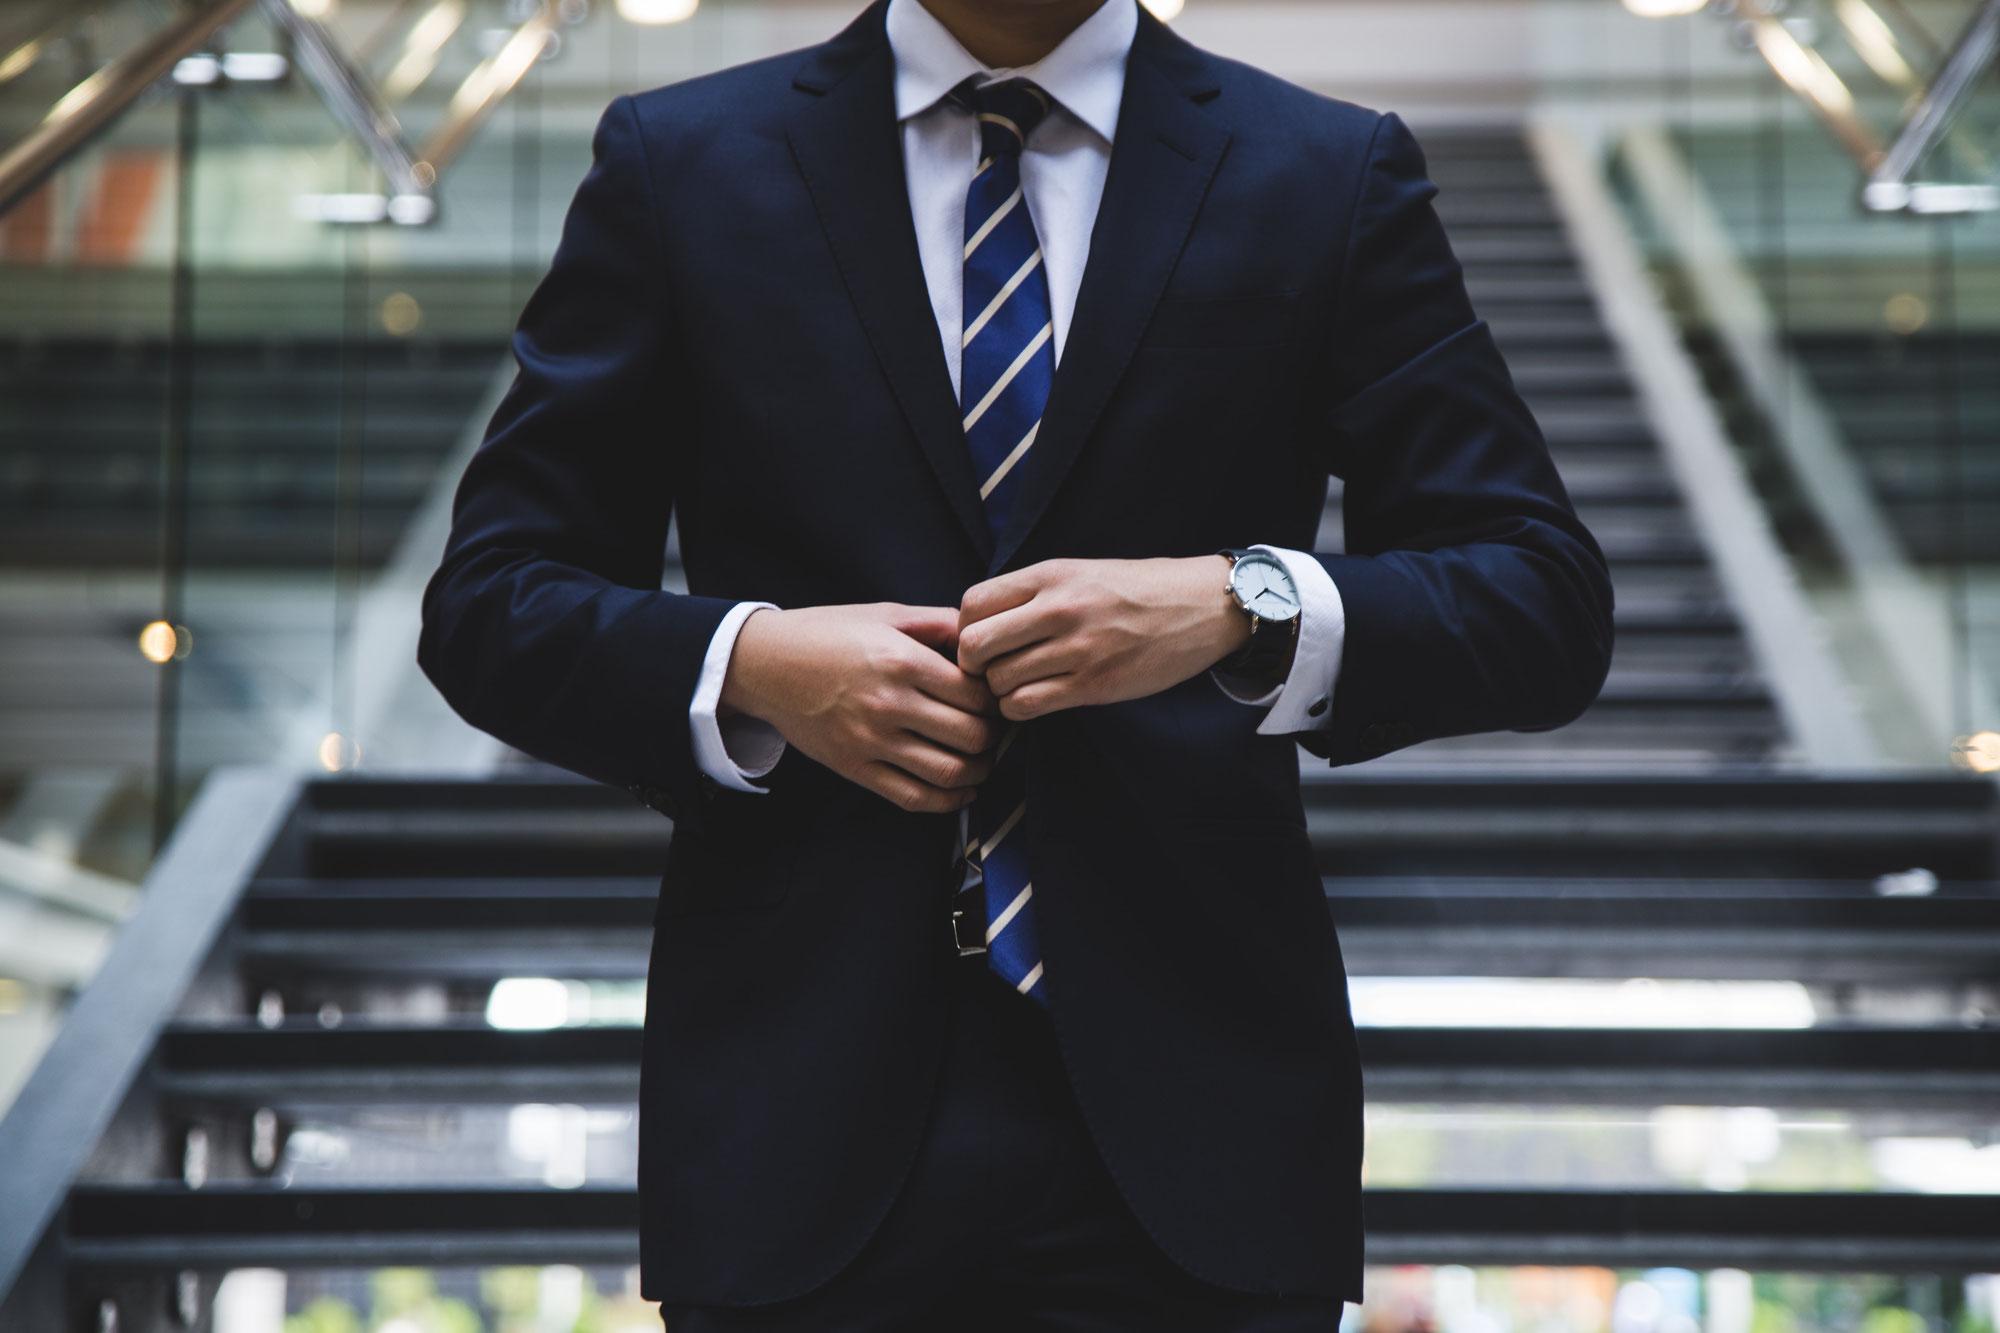 Jobsuchmaschinen oder verdeckter Stellenmarkt – Routenplanung zum neuen Job mit der Karriereberatung München